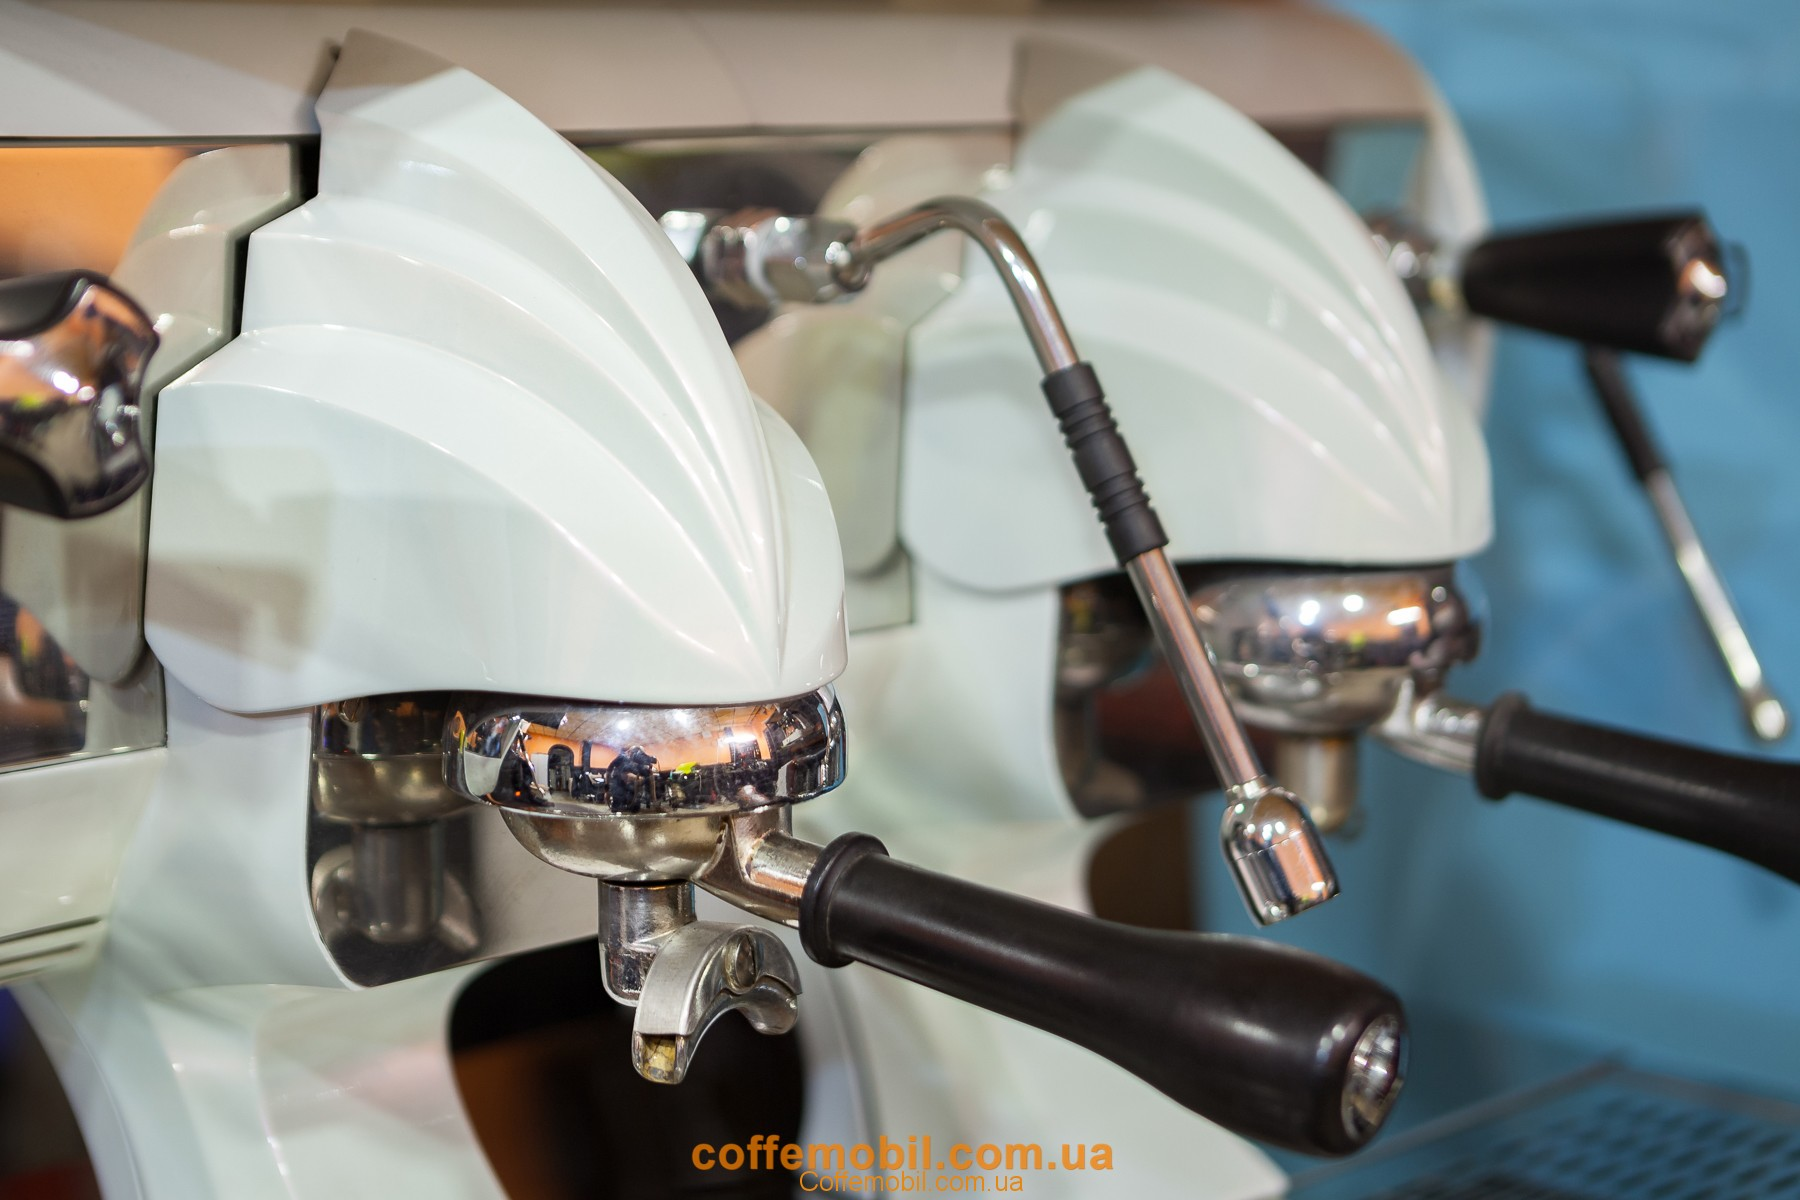 Профессиональная кофемашина Astoria Sibilla 2gr